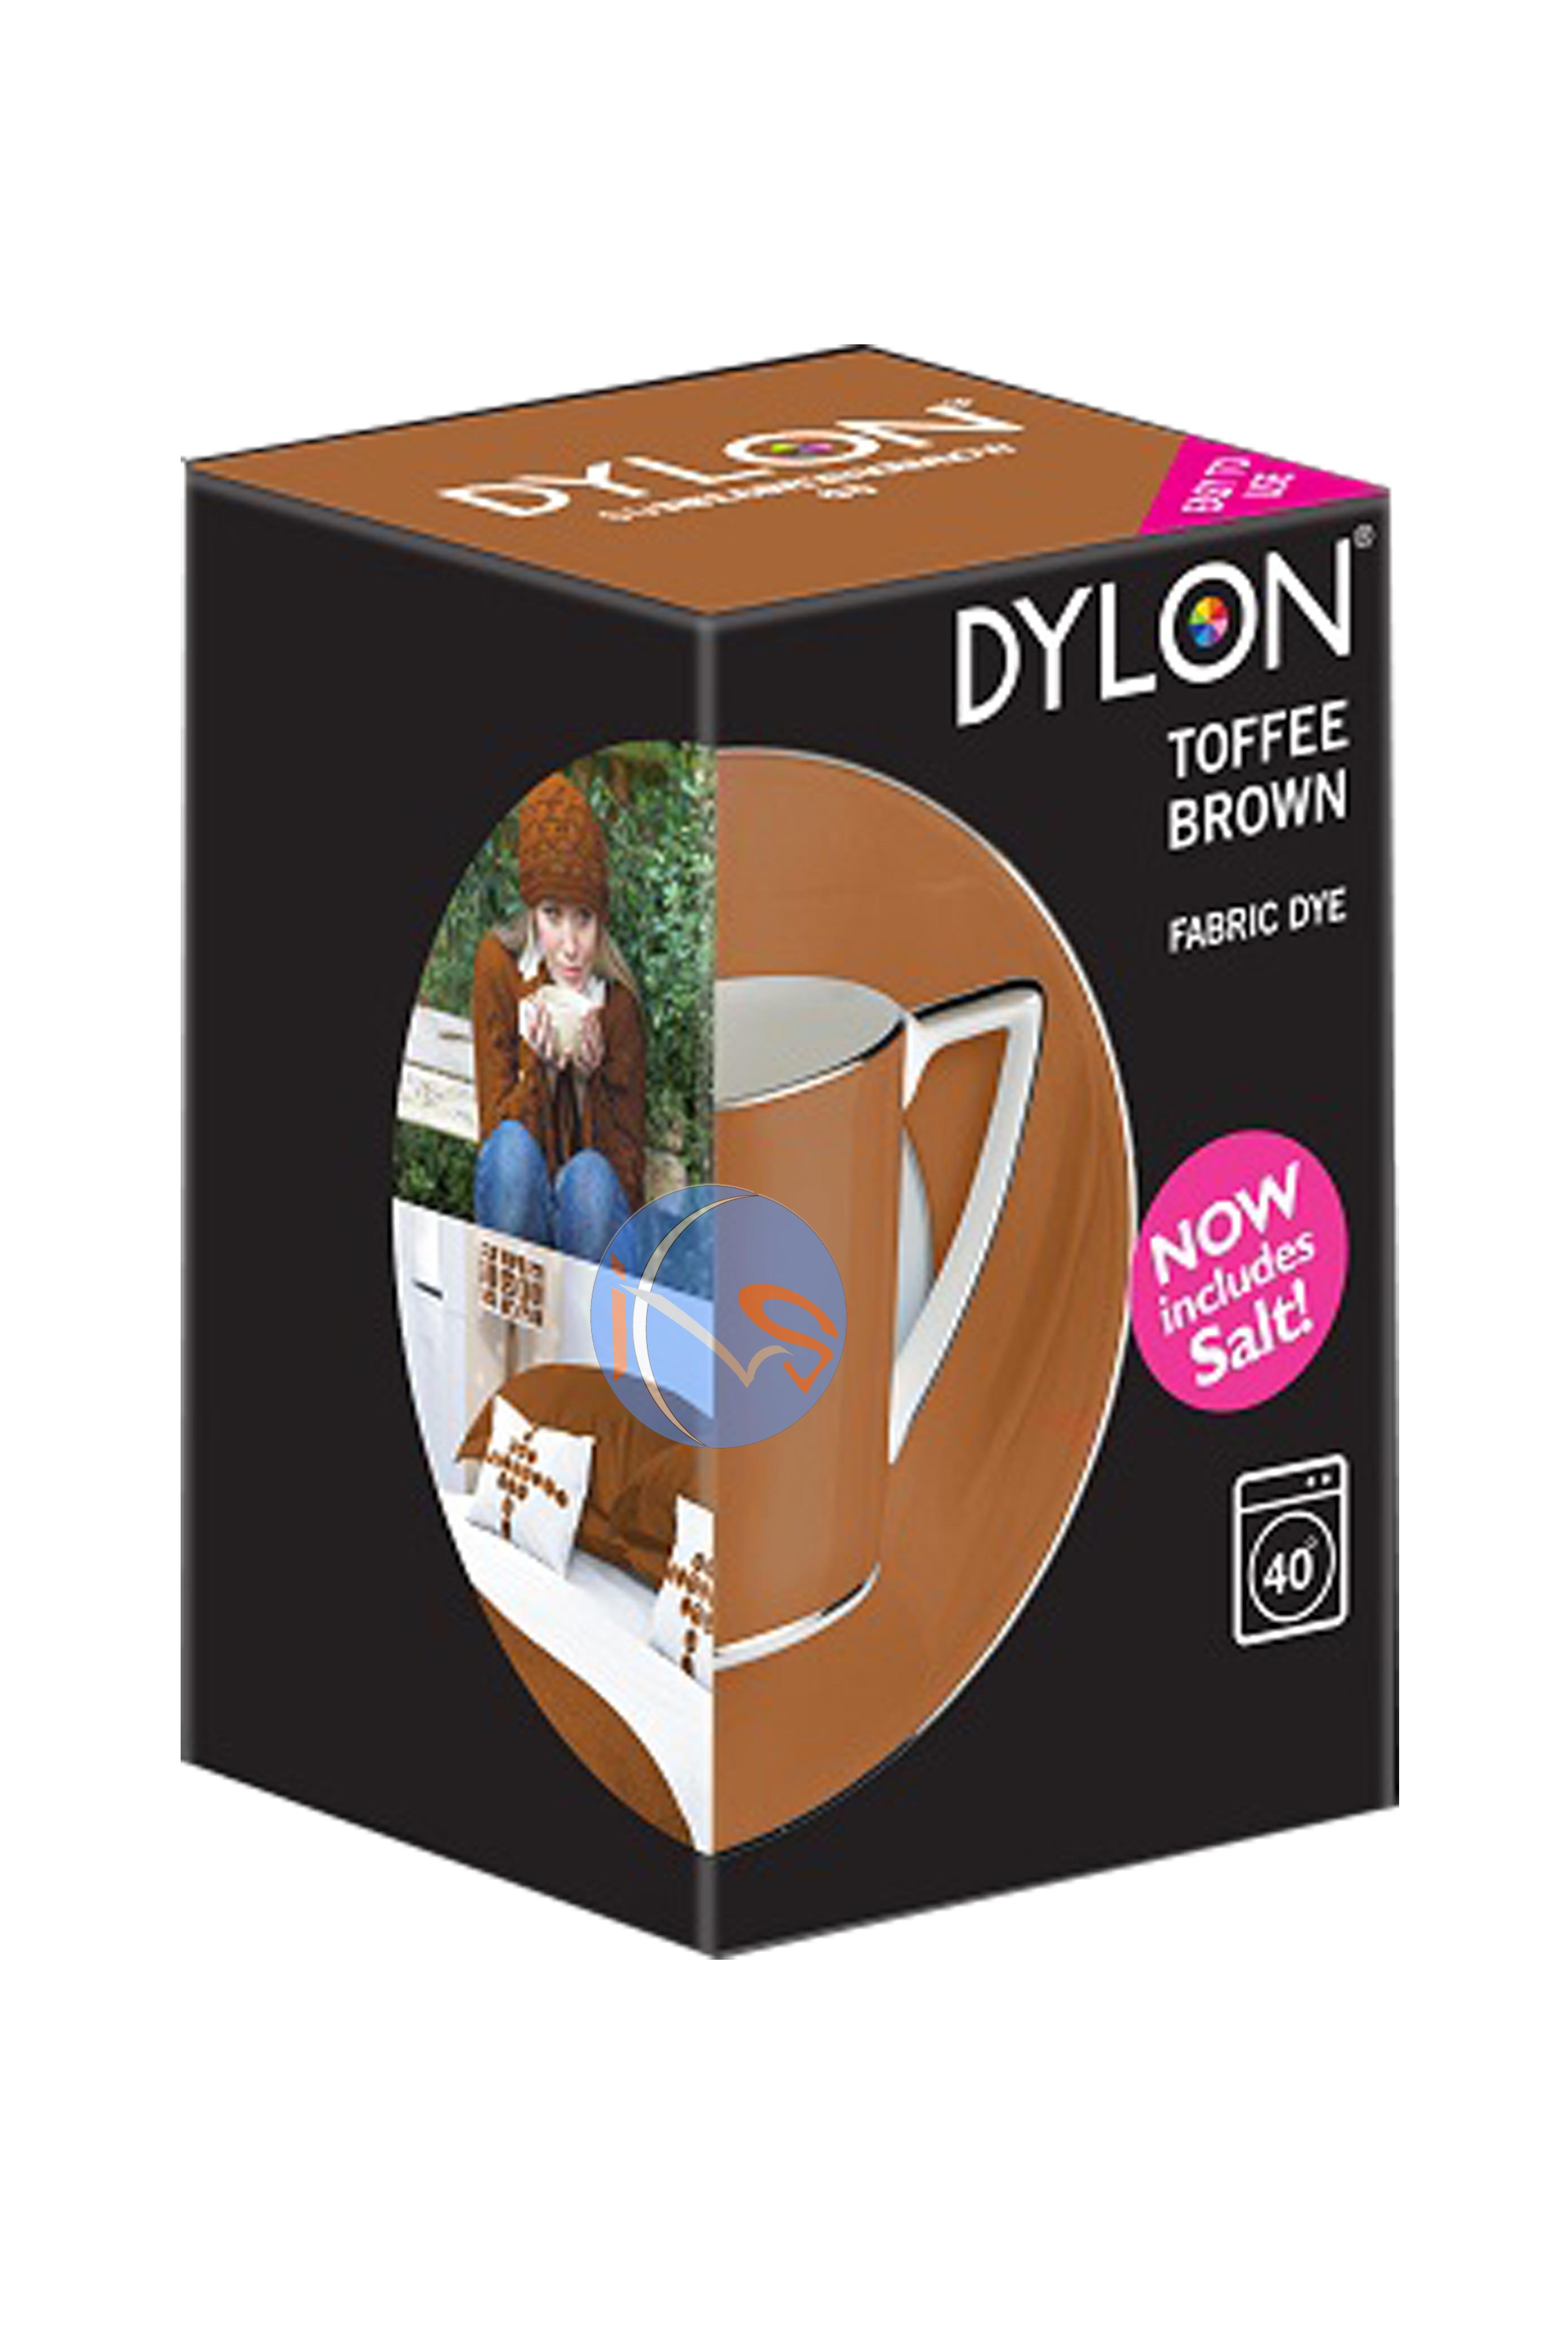 Image Is Loading Dylon Machine Box Fabric Clothes Wash Dye Uk